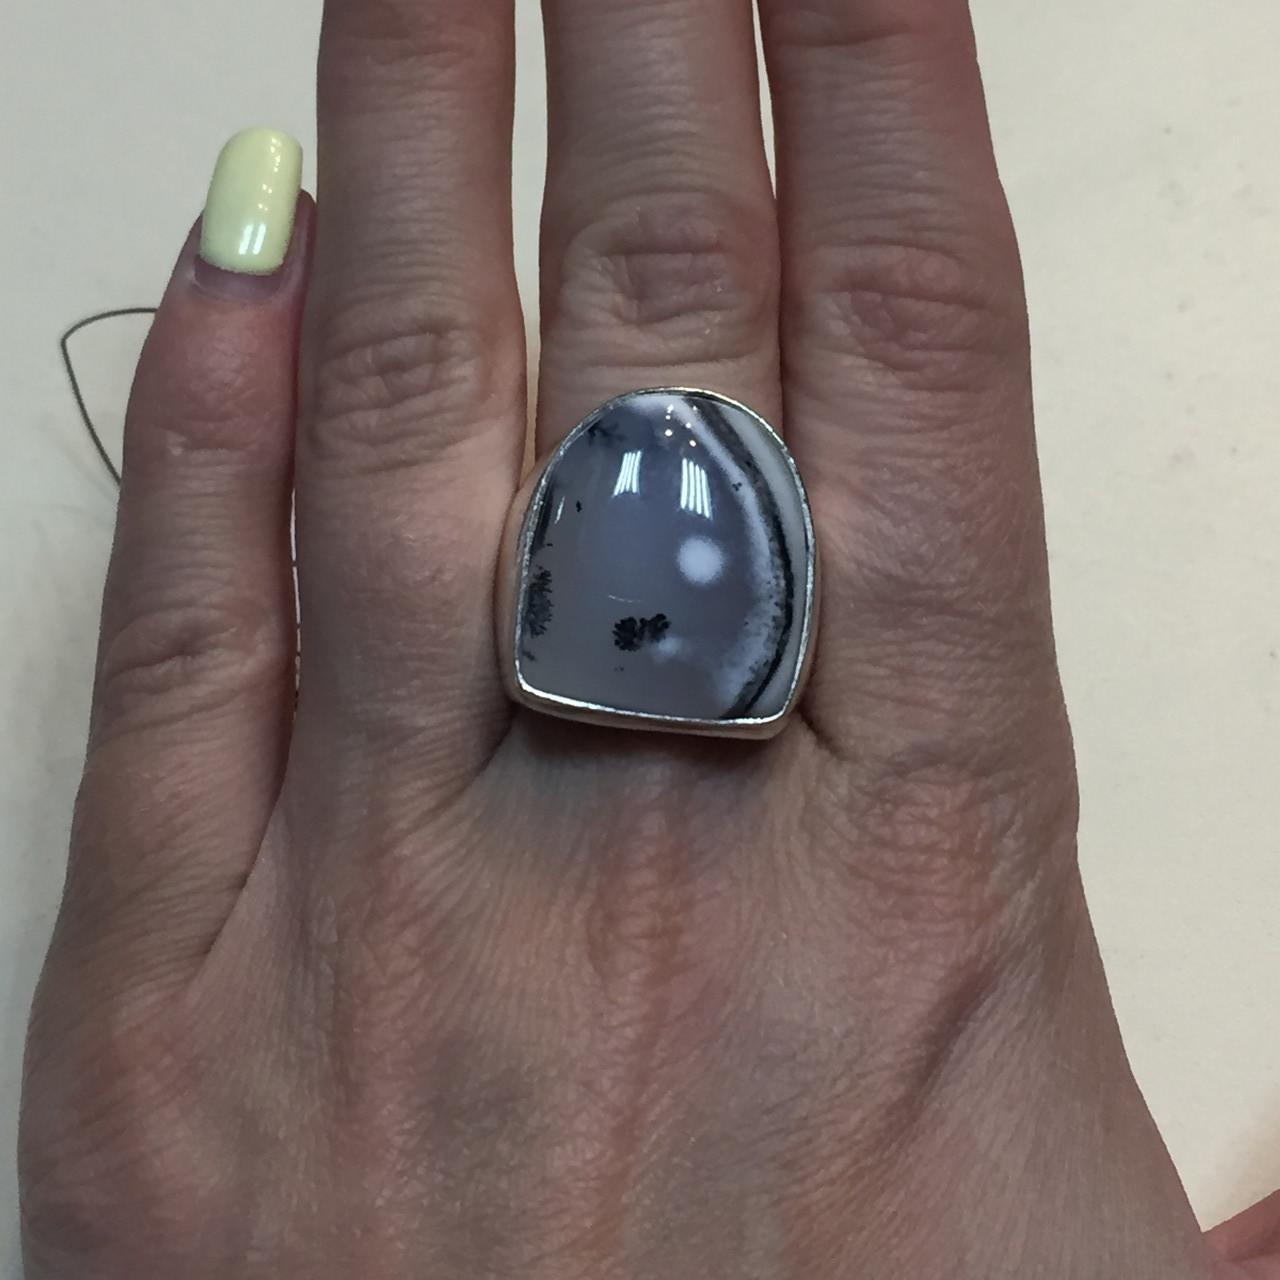 Дендритовый опал красивое кольцо с дендро-опалом в серебре 18 размер Индия